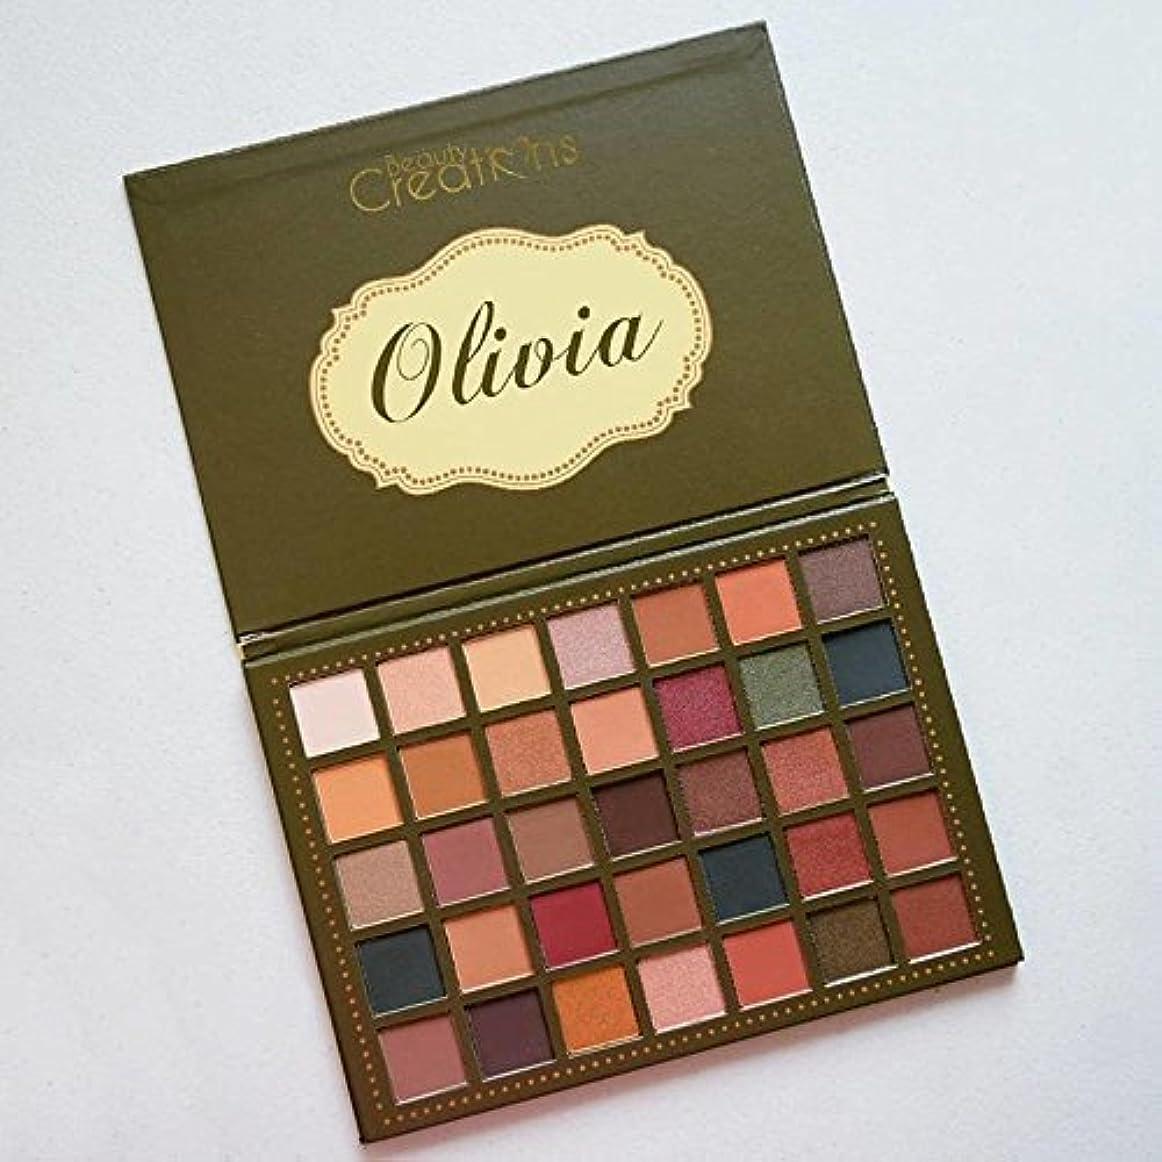 の慈悲でクリップ蝶病なBEAUTY CREATIONS 35 Color Palette - Olivia (並行輸入品)